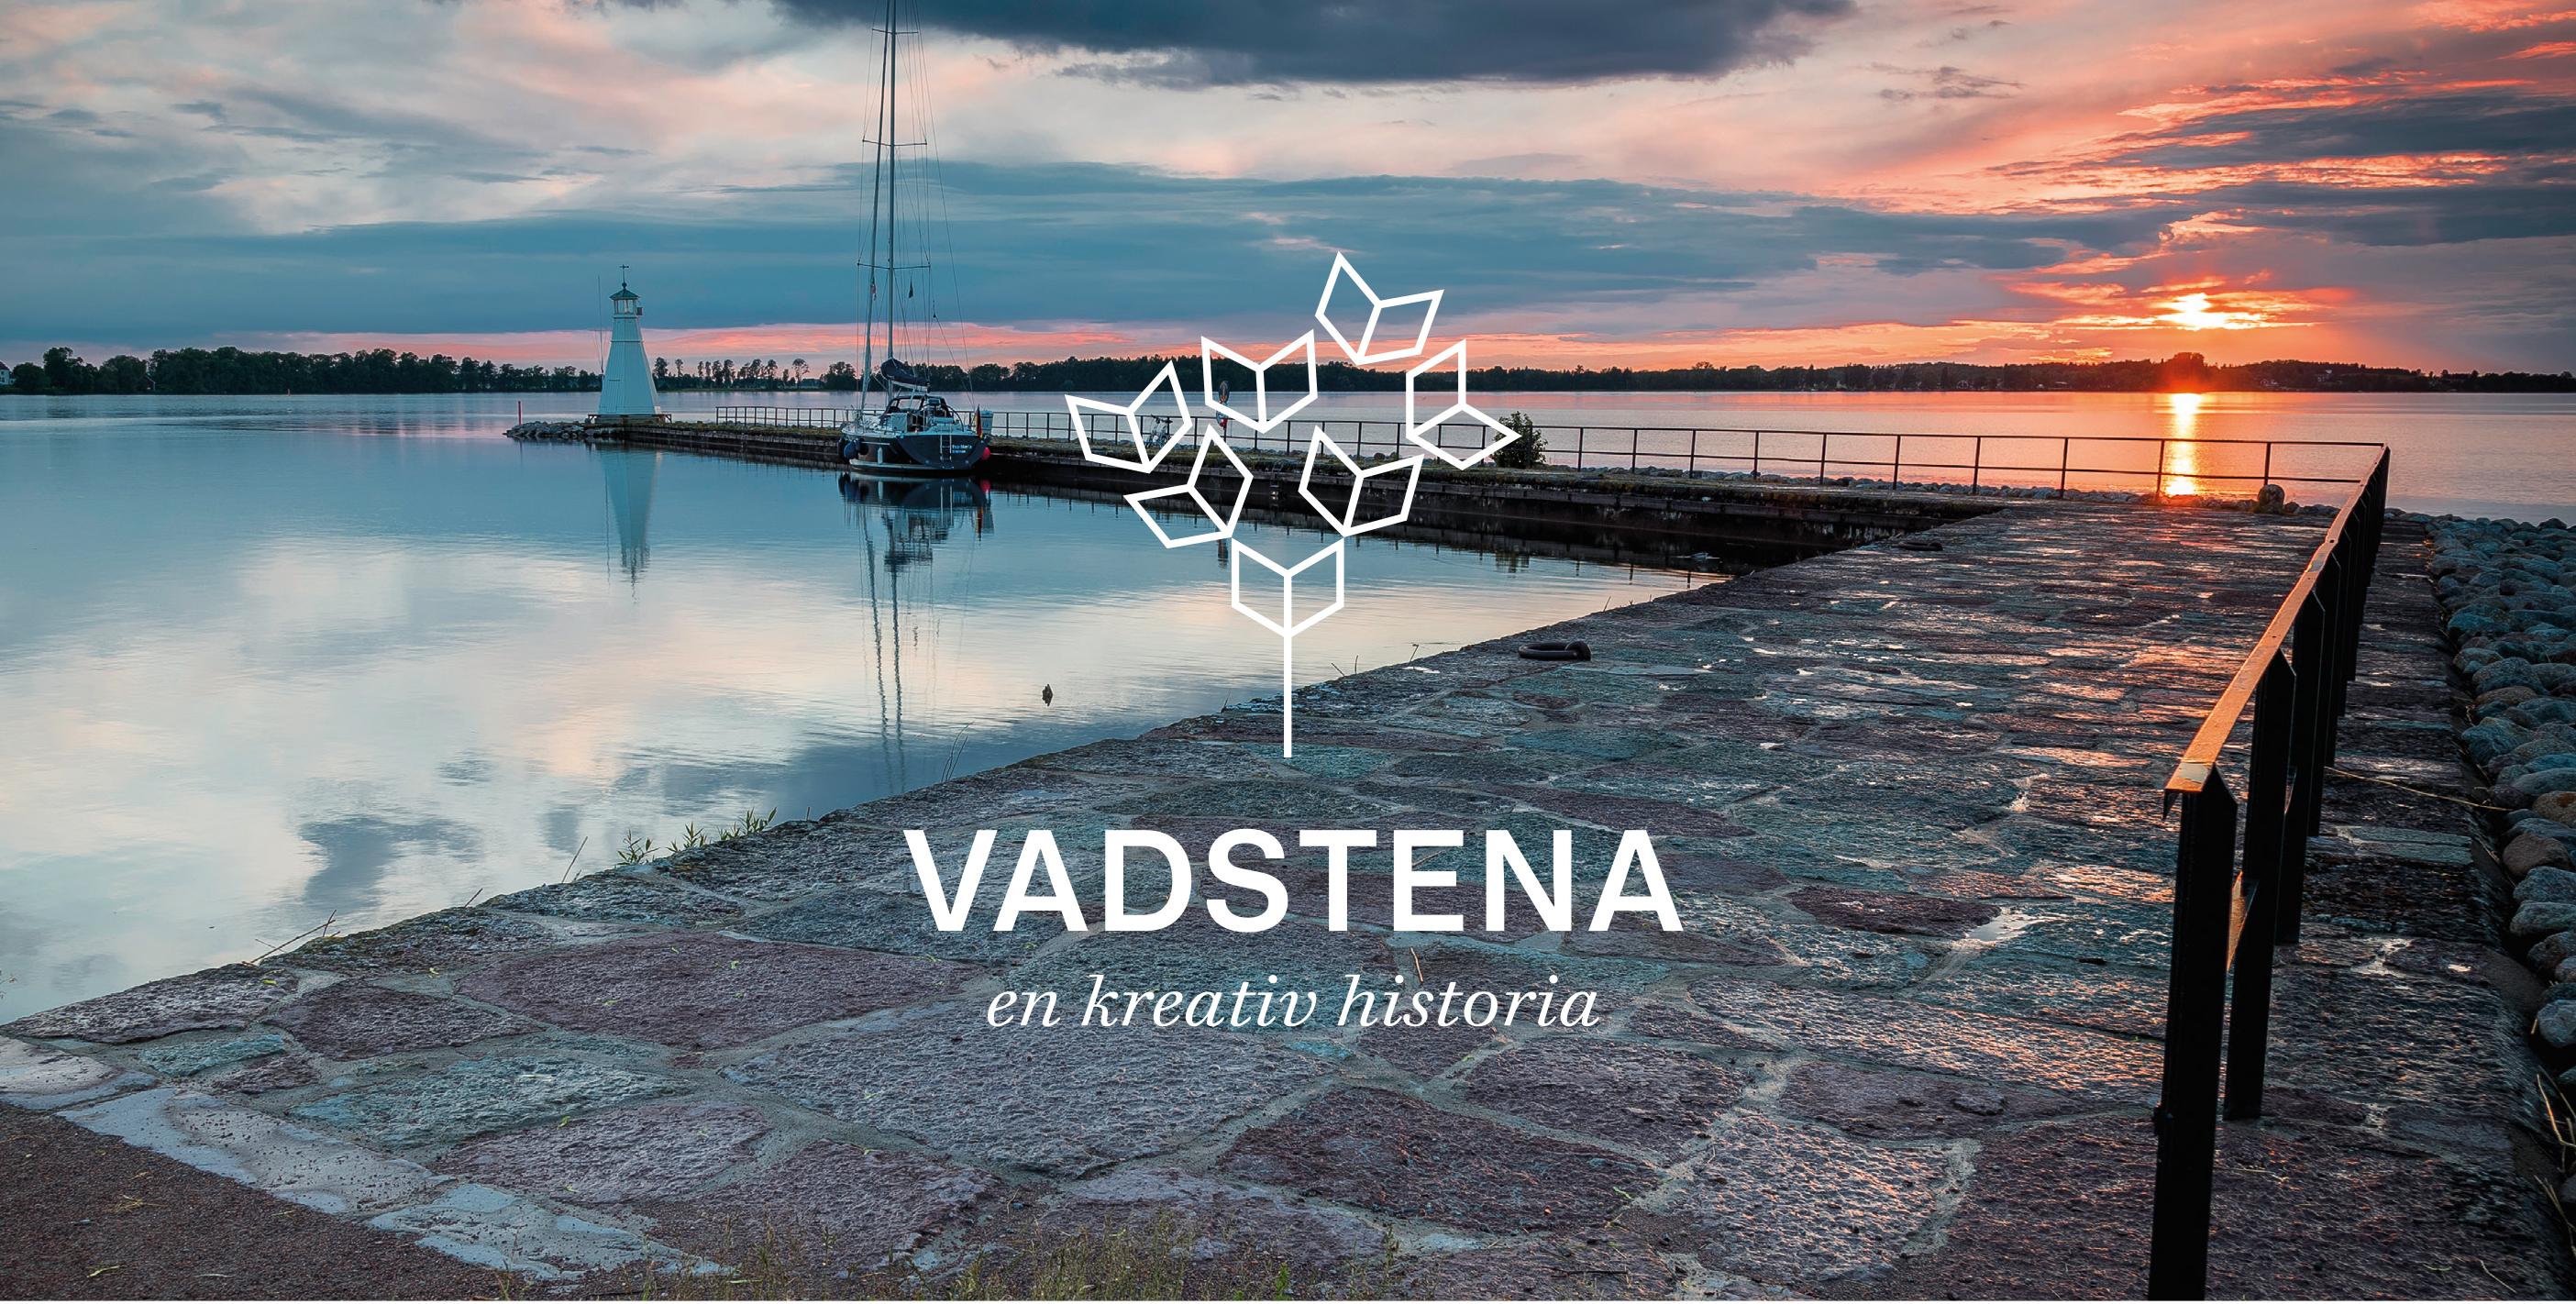 Logotyp för platsen Vadstena, framtagen av Identx